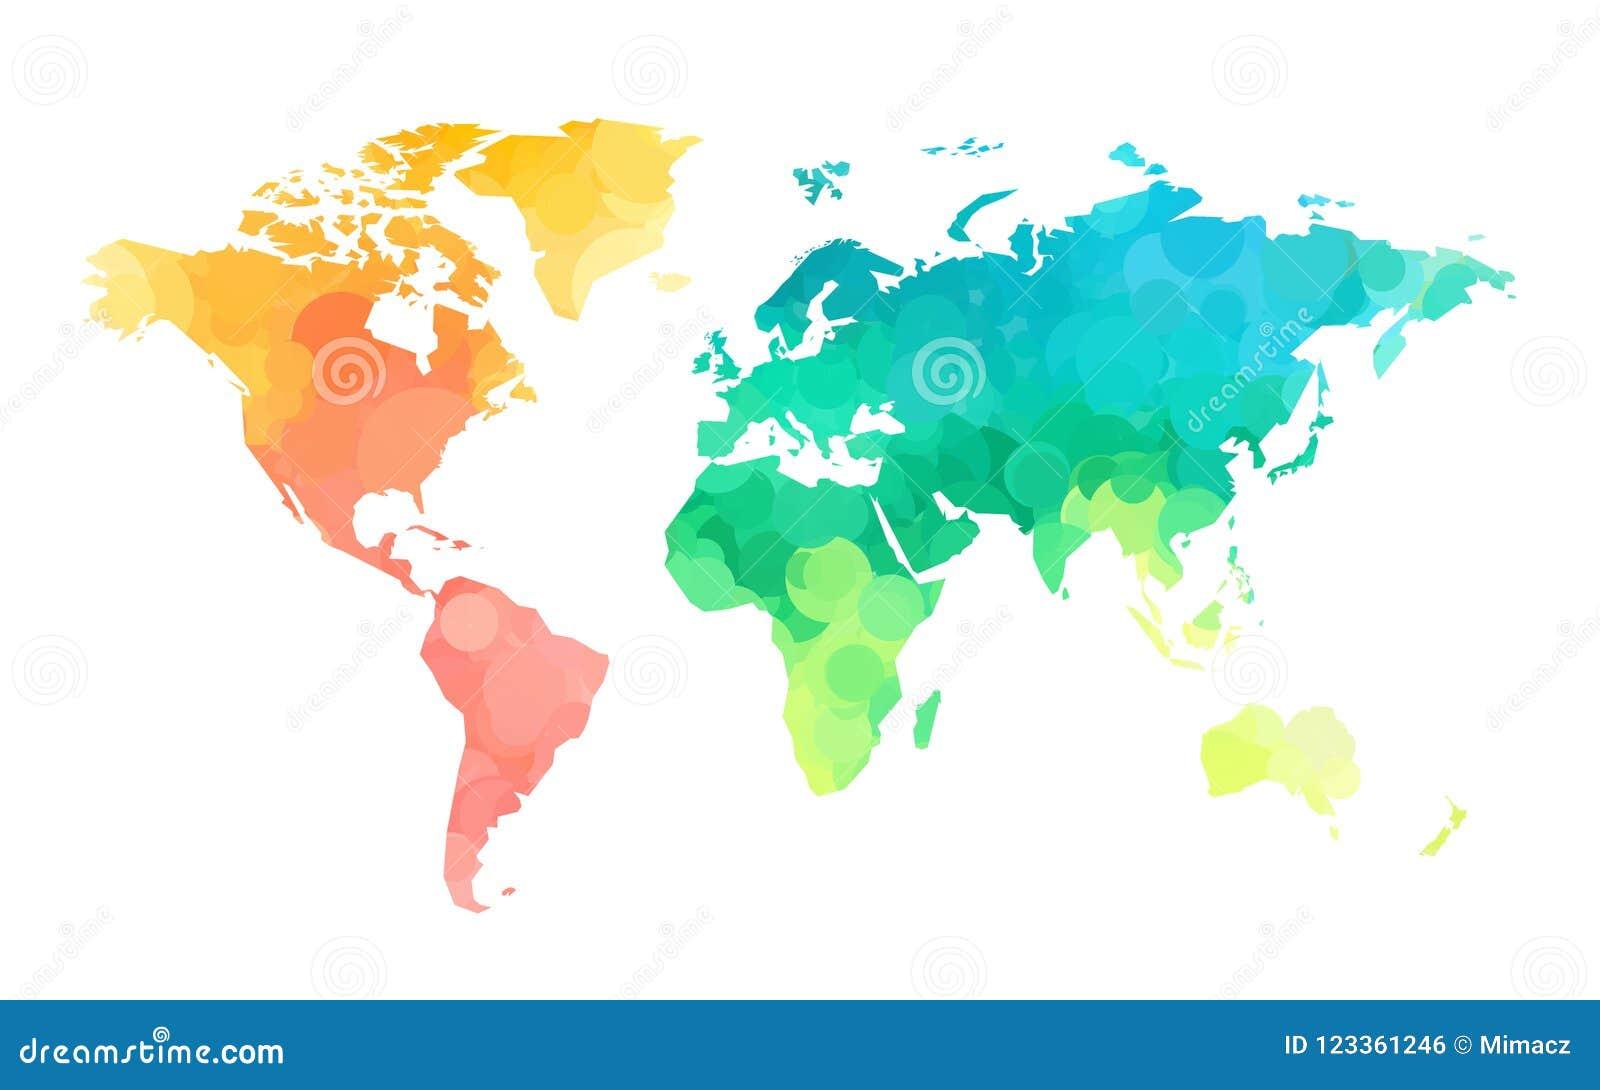 Σχέδιο παγκόσμιων χαρτών κύκλων χρώματος